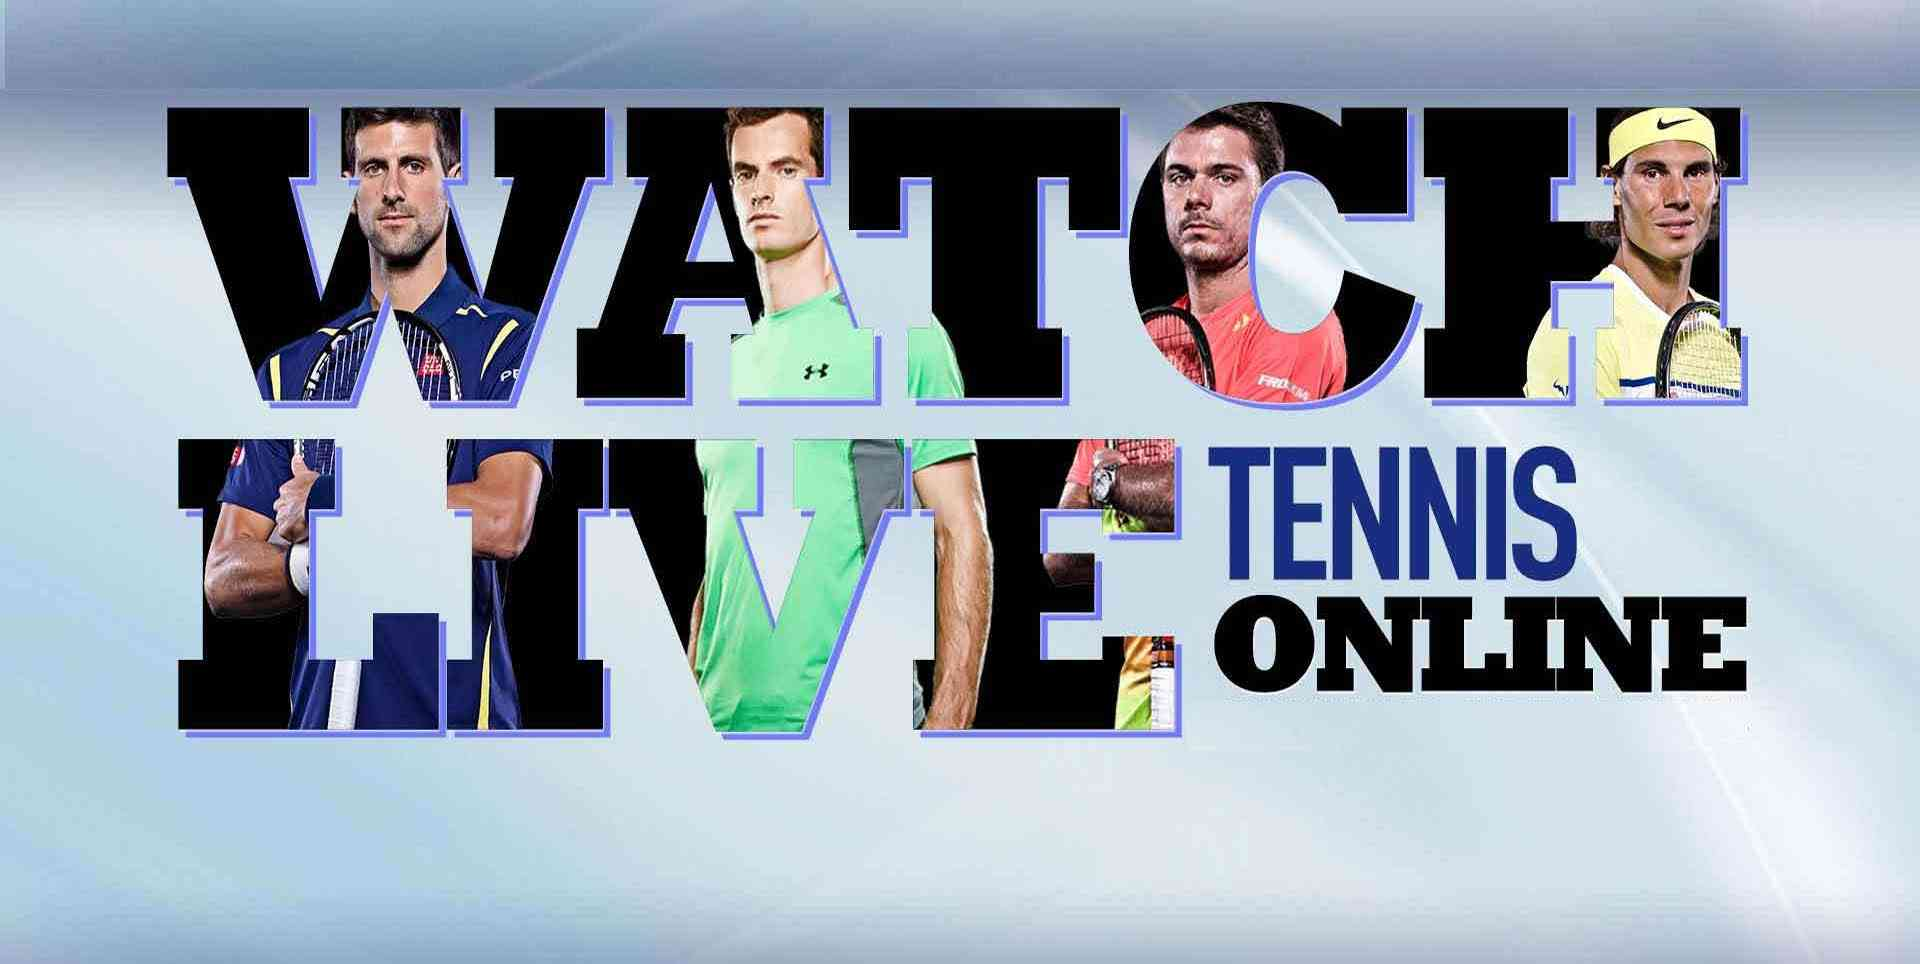 Watch A. Cornet vs S. Cirstea Quarterfinals Online 2013